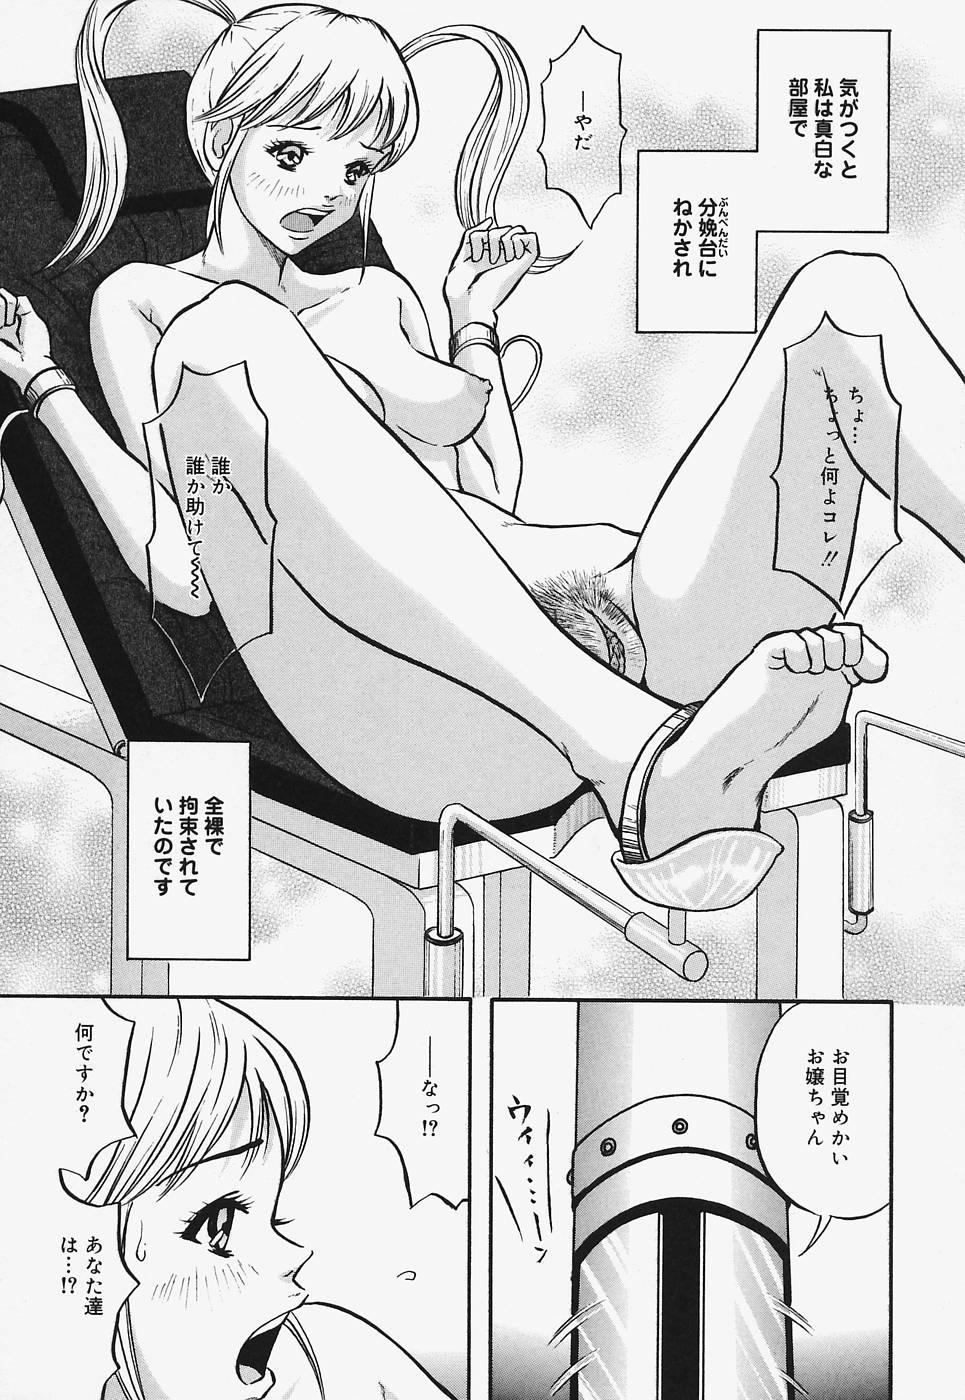 Nurunuru Syoujyo Jiru 134